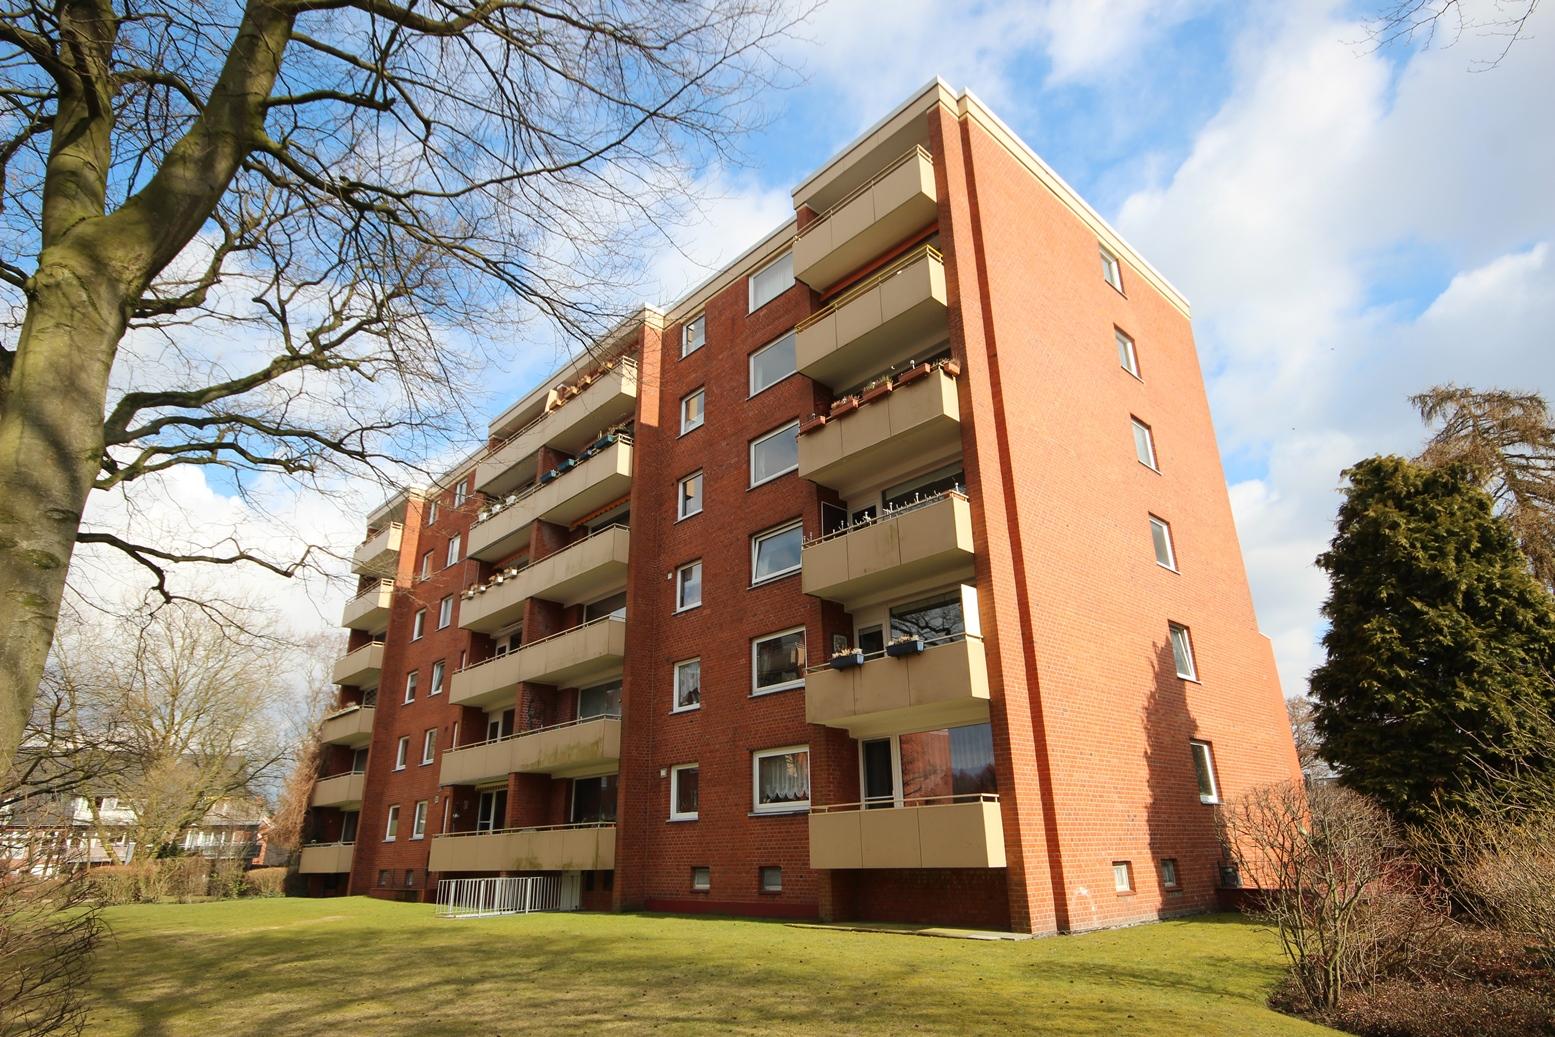 Schenefeld-Dorf: Ruhige 4 Zimmer-Wohnung im Dorfkern